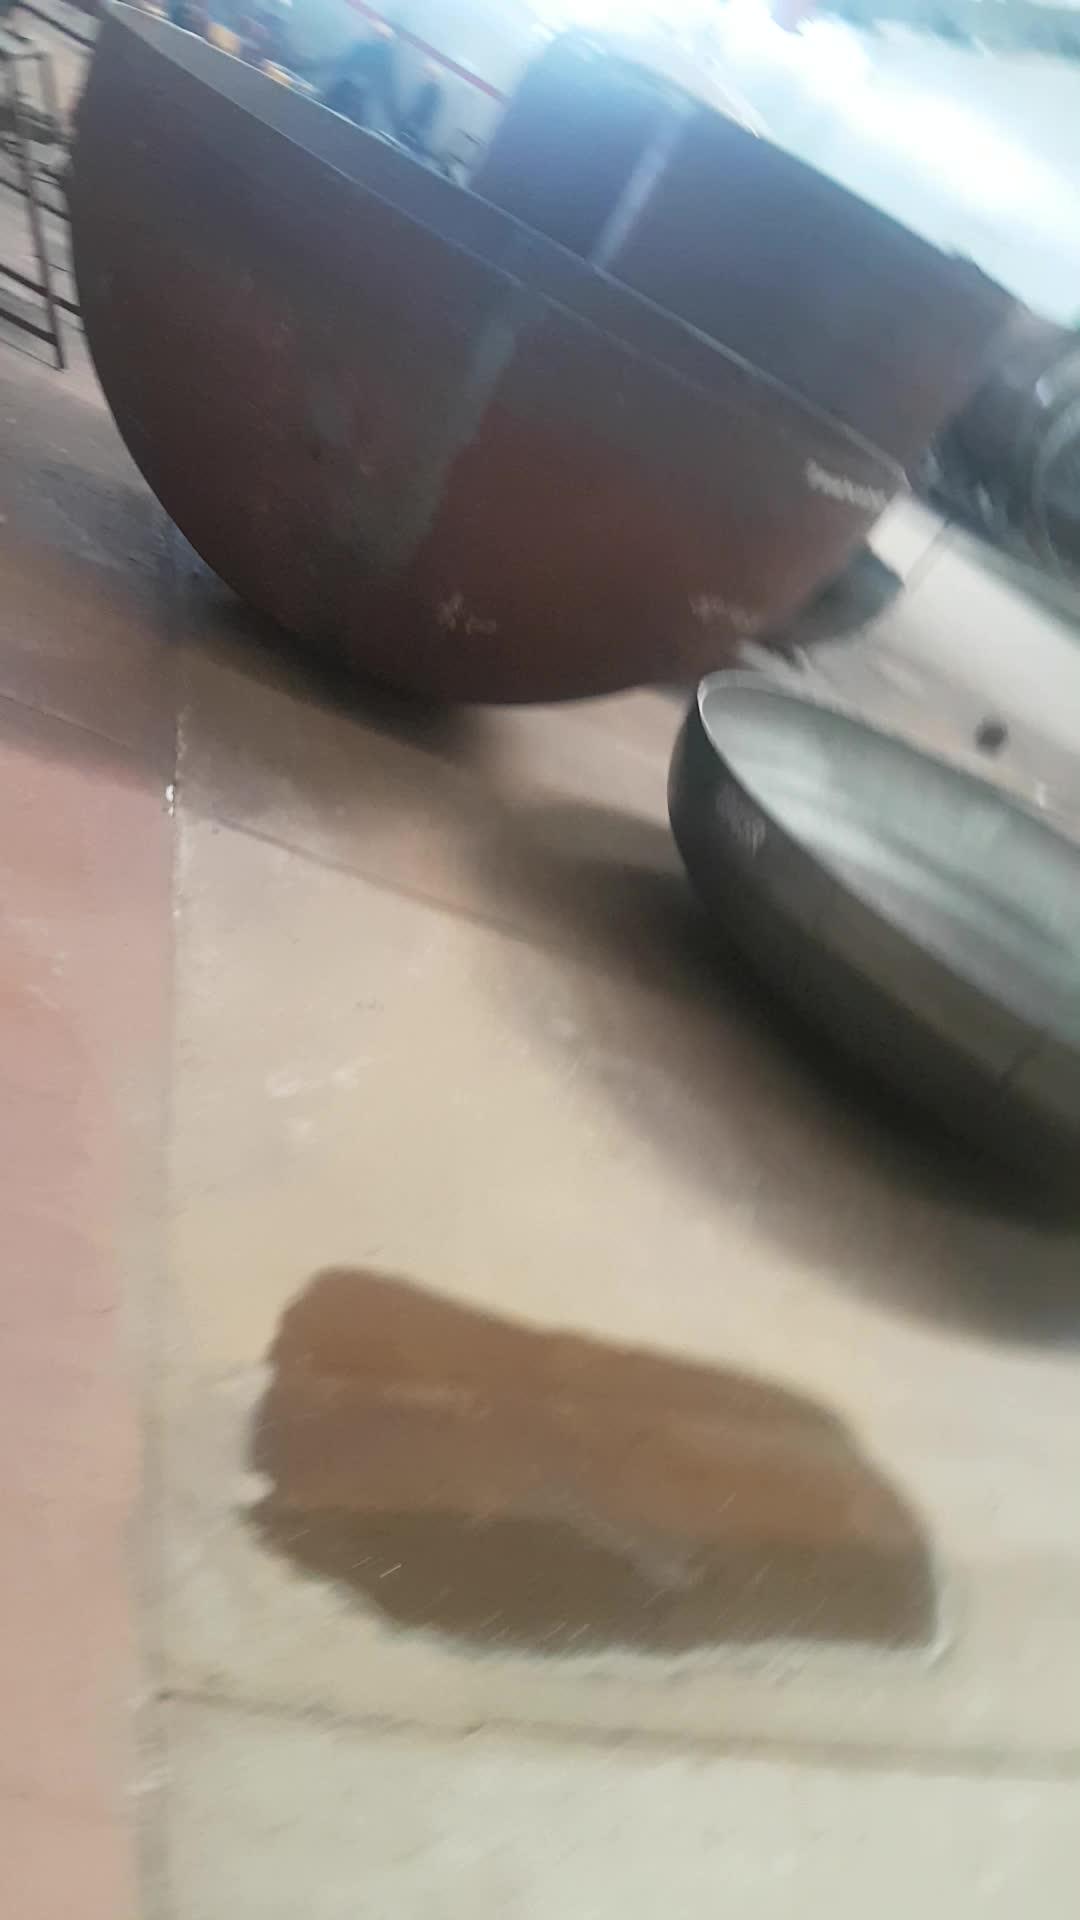 Qixing çanak başlık basınçlı kap çanak ucu eliptik kapak tankı kafa